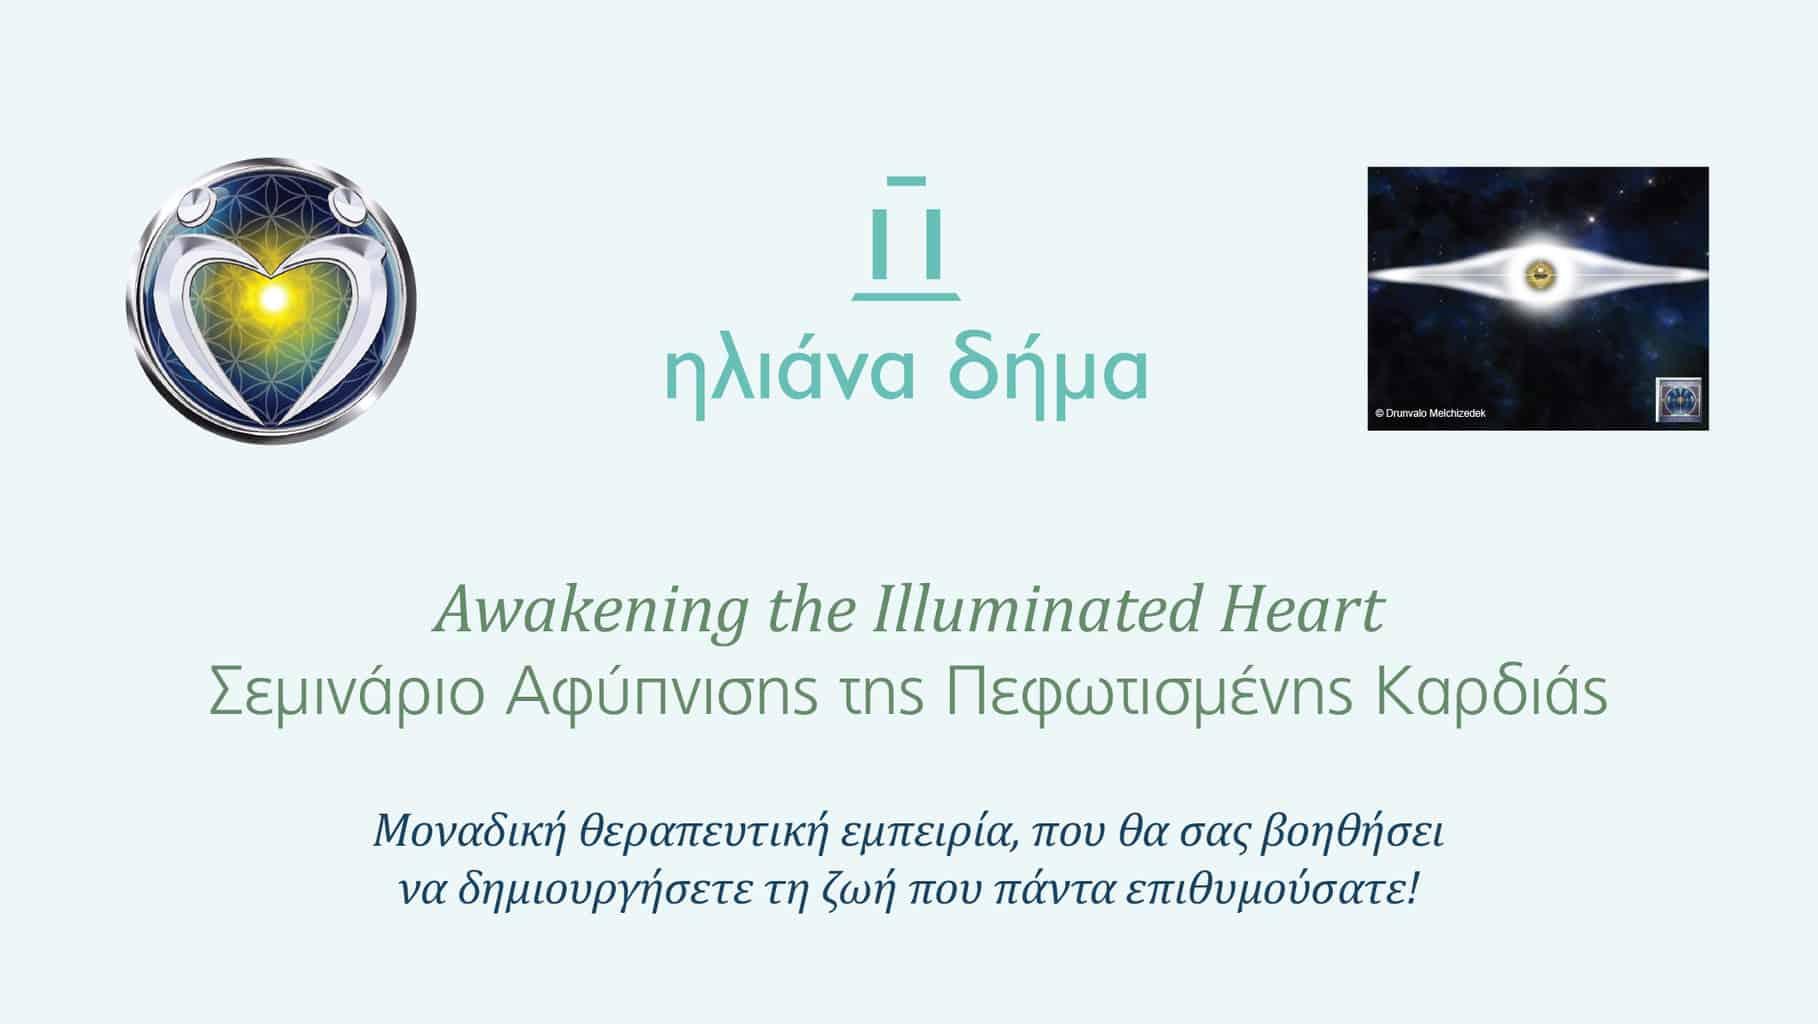 Τετραήμερο διαδραστικό σεμινάριο Αφύπνισης της Πεφωτισμένης Καρδιάς